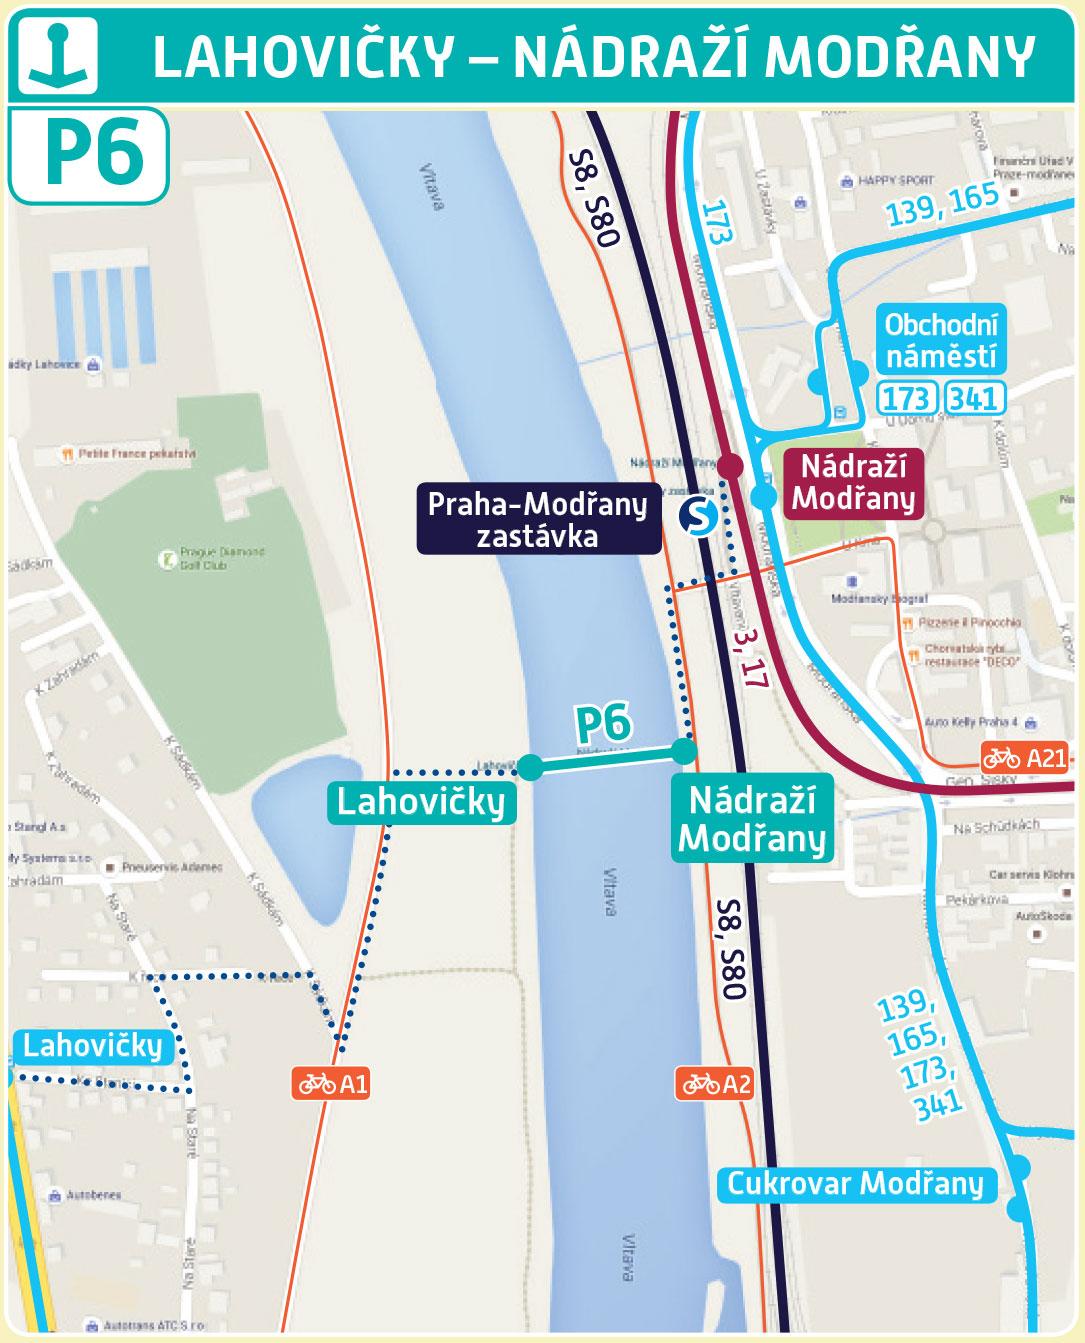 Mapa trasy přívozu P6 | Pražské Benátky